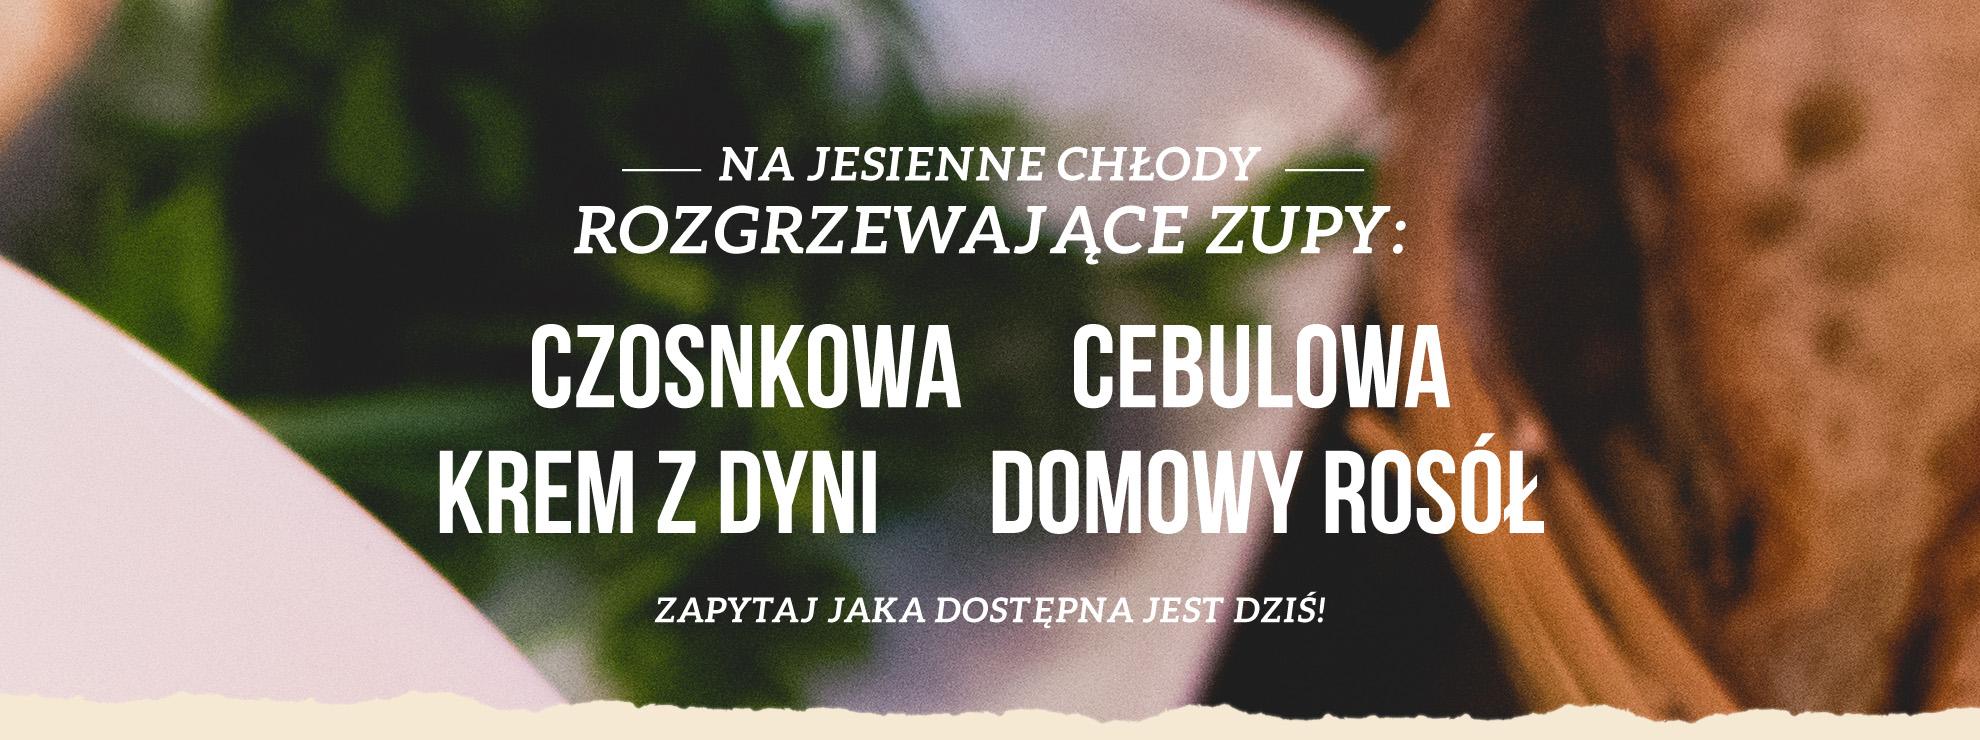 silde_zupy